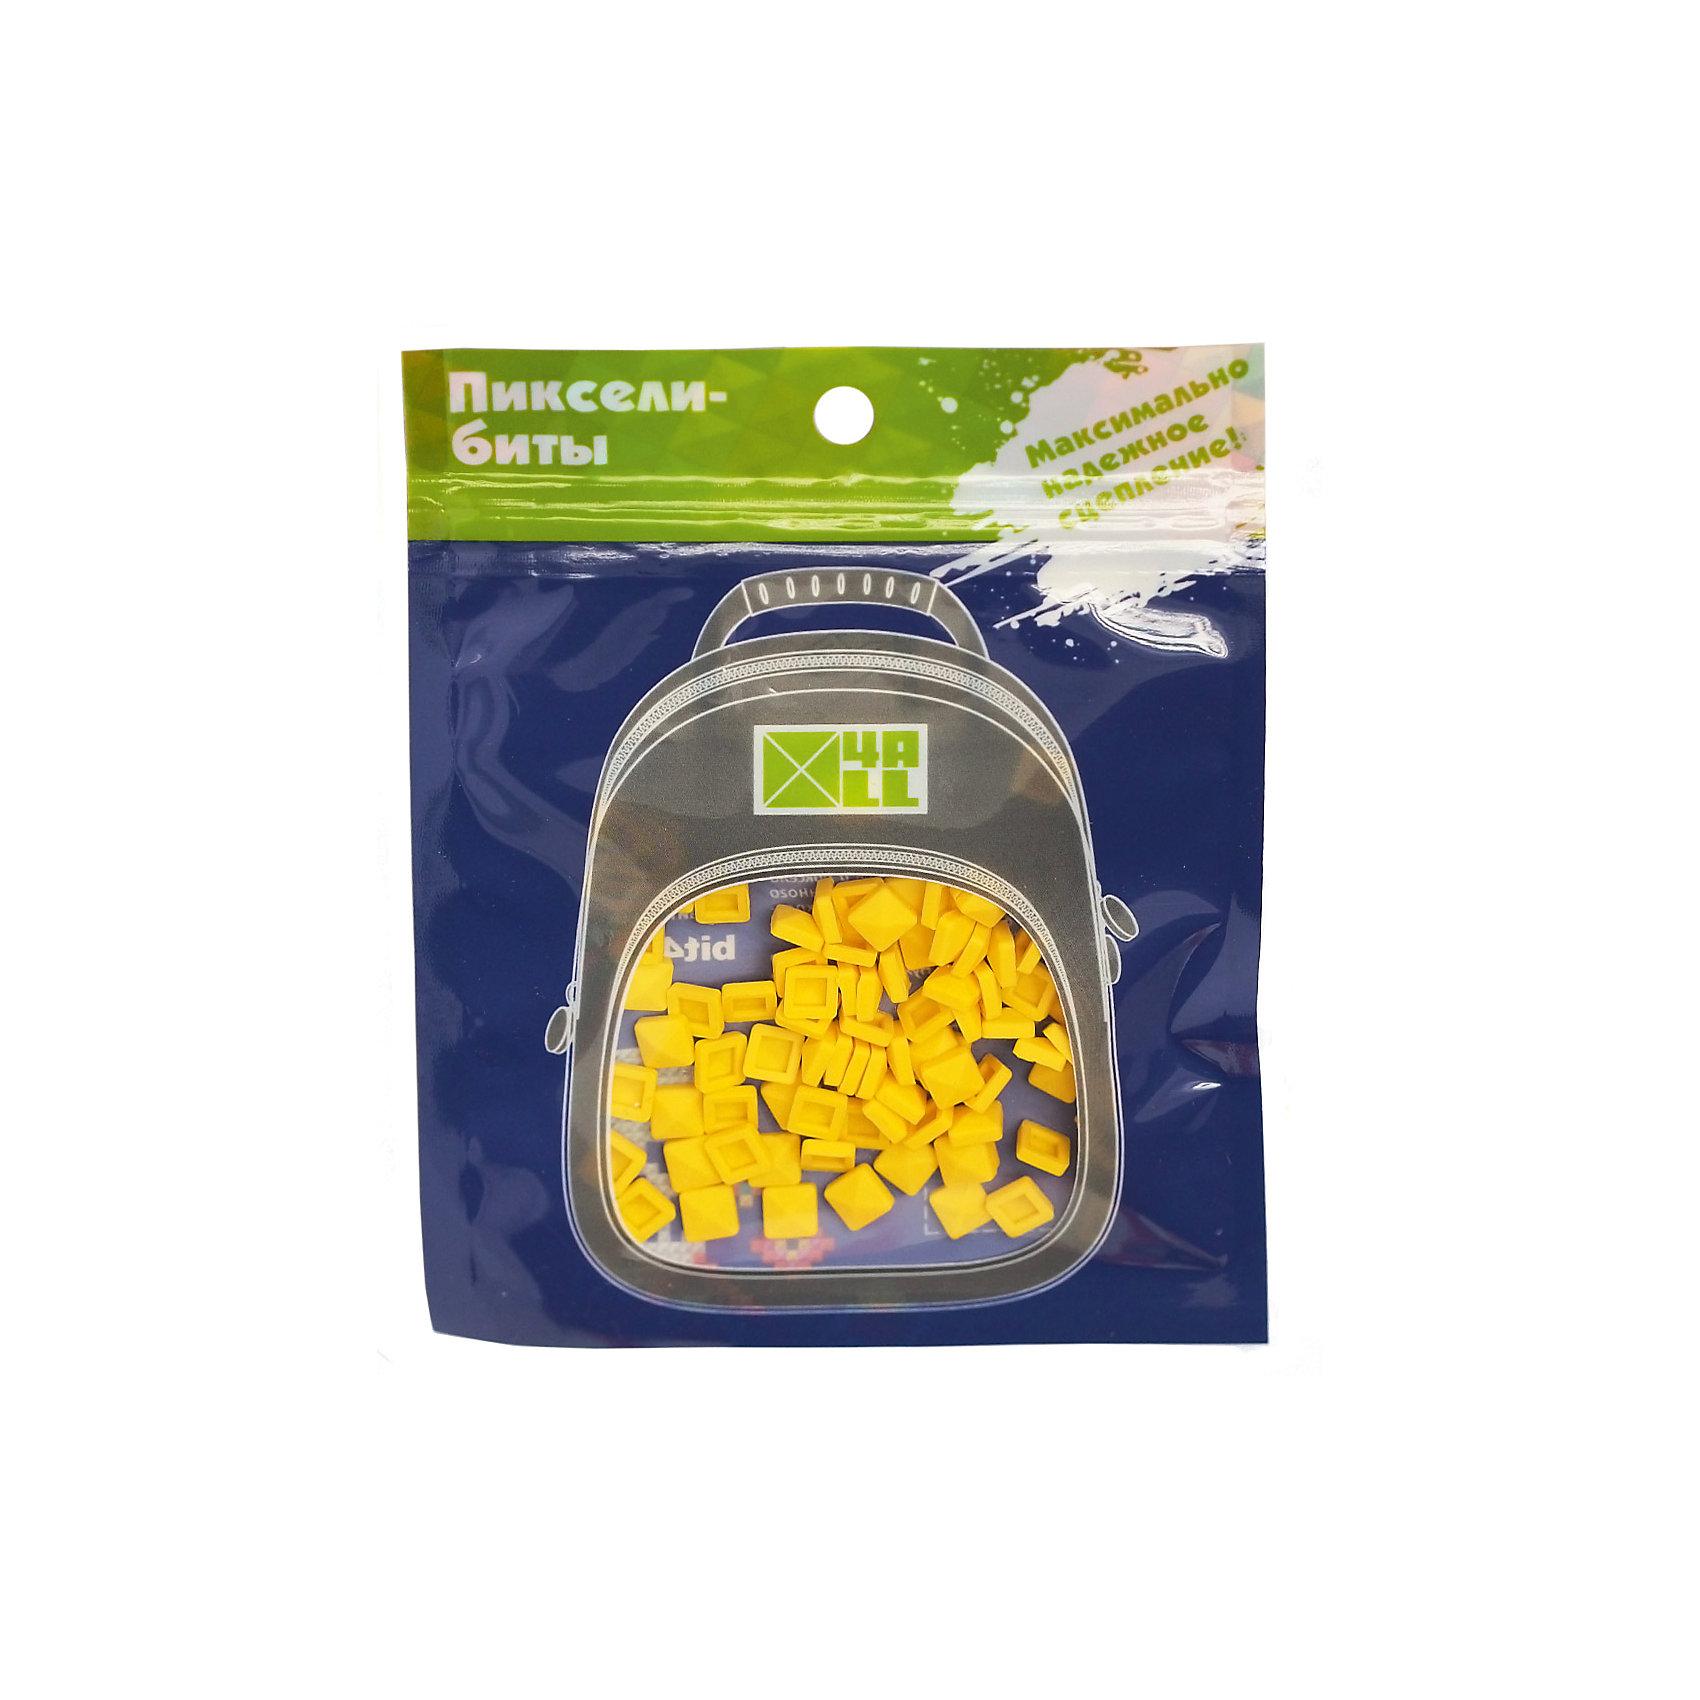 Набор для рюкзака 4ALL пиксель-Бит, желтый, 80 штРюкзаки<br>Набор для творчества пиксель-Бит, желтый, 80 шт.<br><br>Характеристики:<br><br>• Для детей от 3 лет<br>• Количество: 80 шт.<br>• Размер: 0,4х0,4 см.<br>• Цвет: желтый<br>• Материал: высококачественный силикон<br>• Размер упаковки: 14х11 см.<br><br>Придумай и создай дизайн своего рюкзака Kids самостоятельно с наборами для творчества пиксель-Бит. Биты для пикселей легко и прочно крепятся на переднюю панель рюкзака благодаря уникальной конструкции замка. Битами можно выкладывать любые картинки или слова. Набор подходит для декорирования рюкзаков серии 4all Kids. Изготовлен из высококачественного гипоаллергенного силикона. Развивает мелкую моторику рук, творческий потенциал и воображение.<br><br>Набор для творчества пиксель-Бит, желтые, 80 шт можно купить в нашем интернет-магазине.<br><br>Ширина мм: 140<br>Глубина мм: 110<br>Высота мм: 50<br>Вес г: 25<br>Возраст от месяцев: 36<br>Возраст до месяцев: 2147483647<br>Пол: Унисекс<br>Возраст: Детский<br>SKU: 5490463